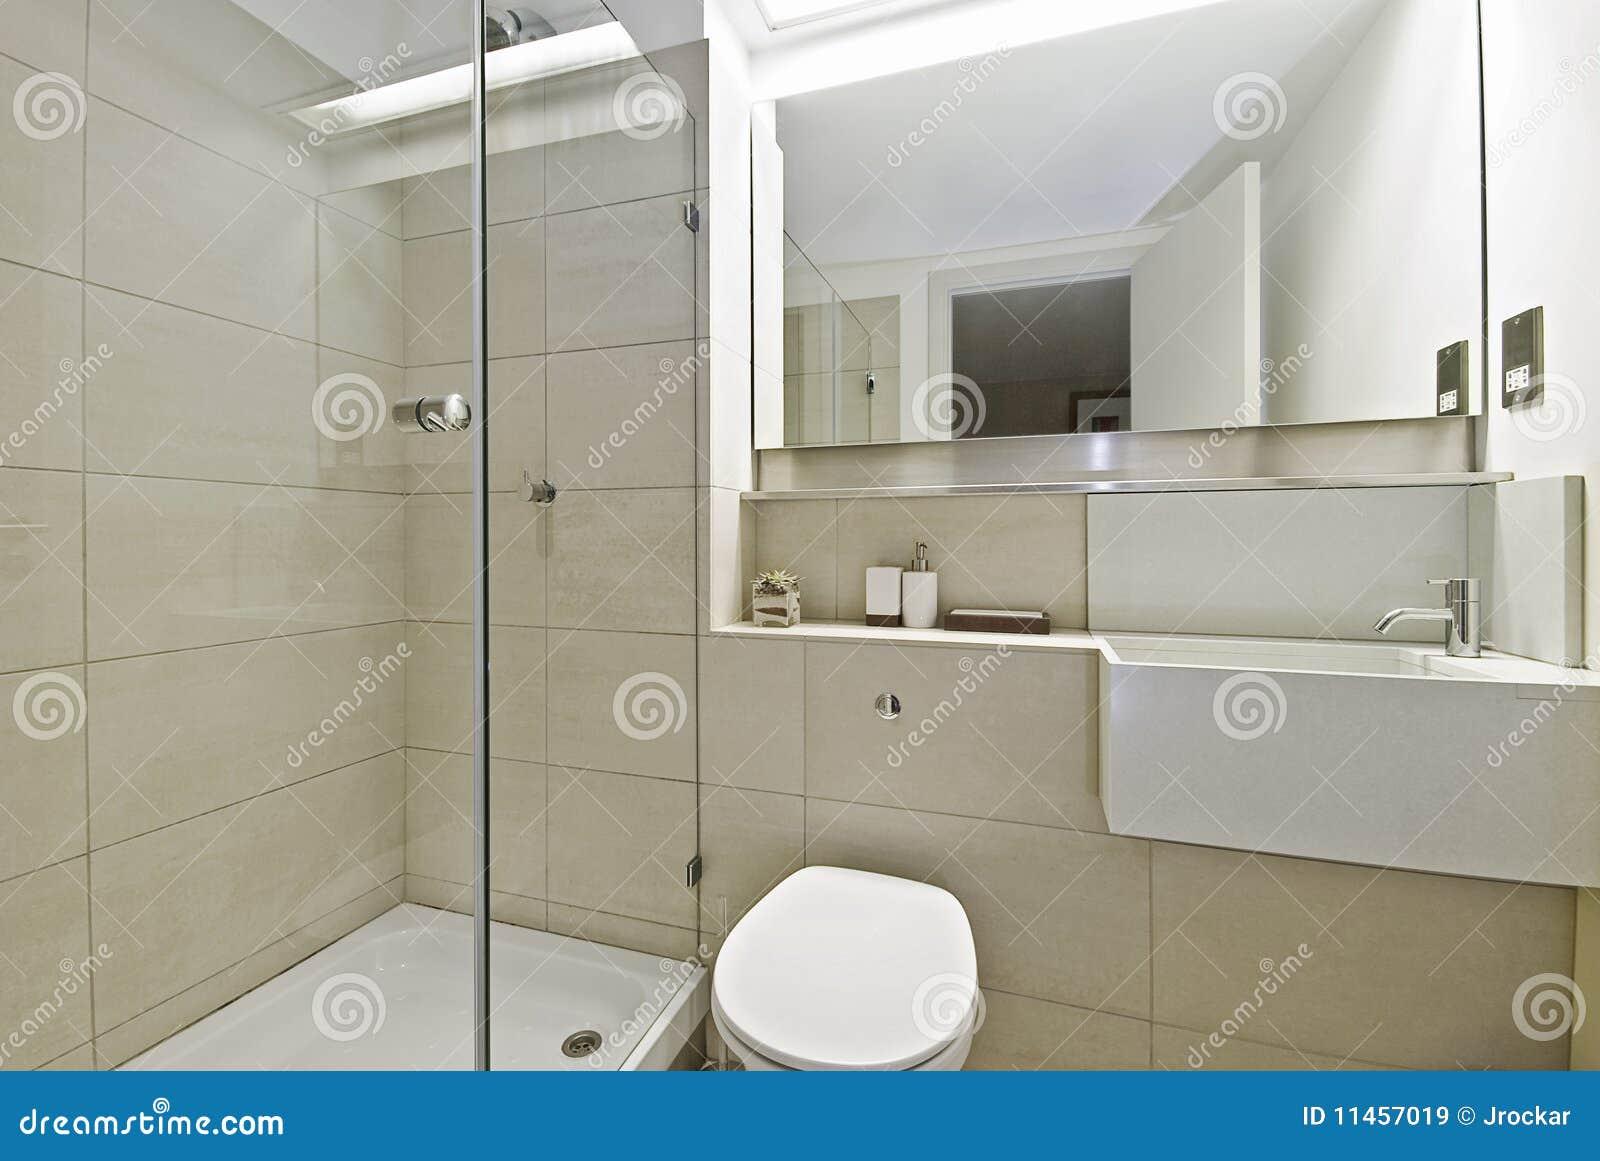 Banheiro Com Canto Do Chuveiro Imagens de Stock Royalty Free Imagem  #85A823 1300x960 Banheiro Com Banheira De Canto E Chuveiro